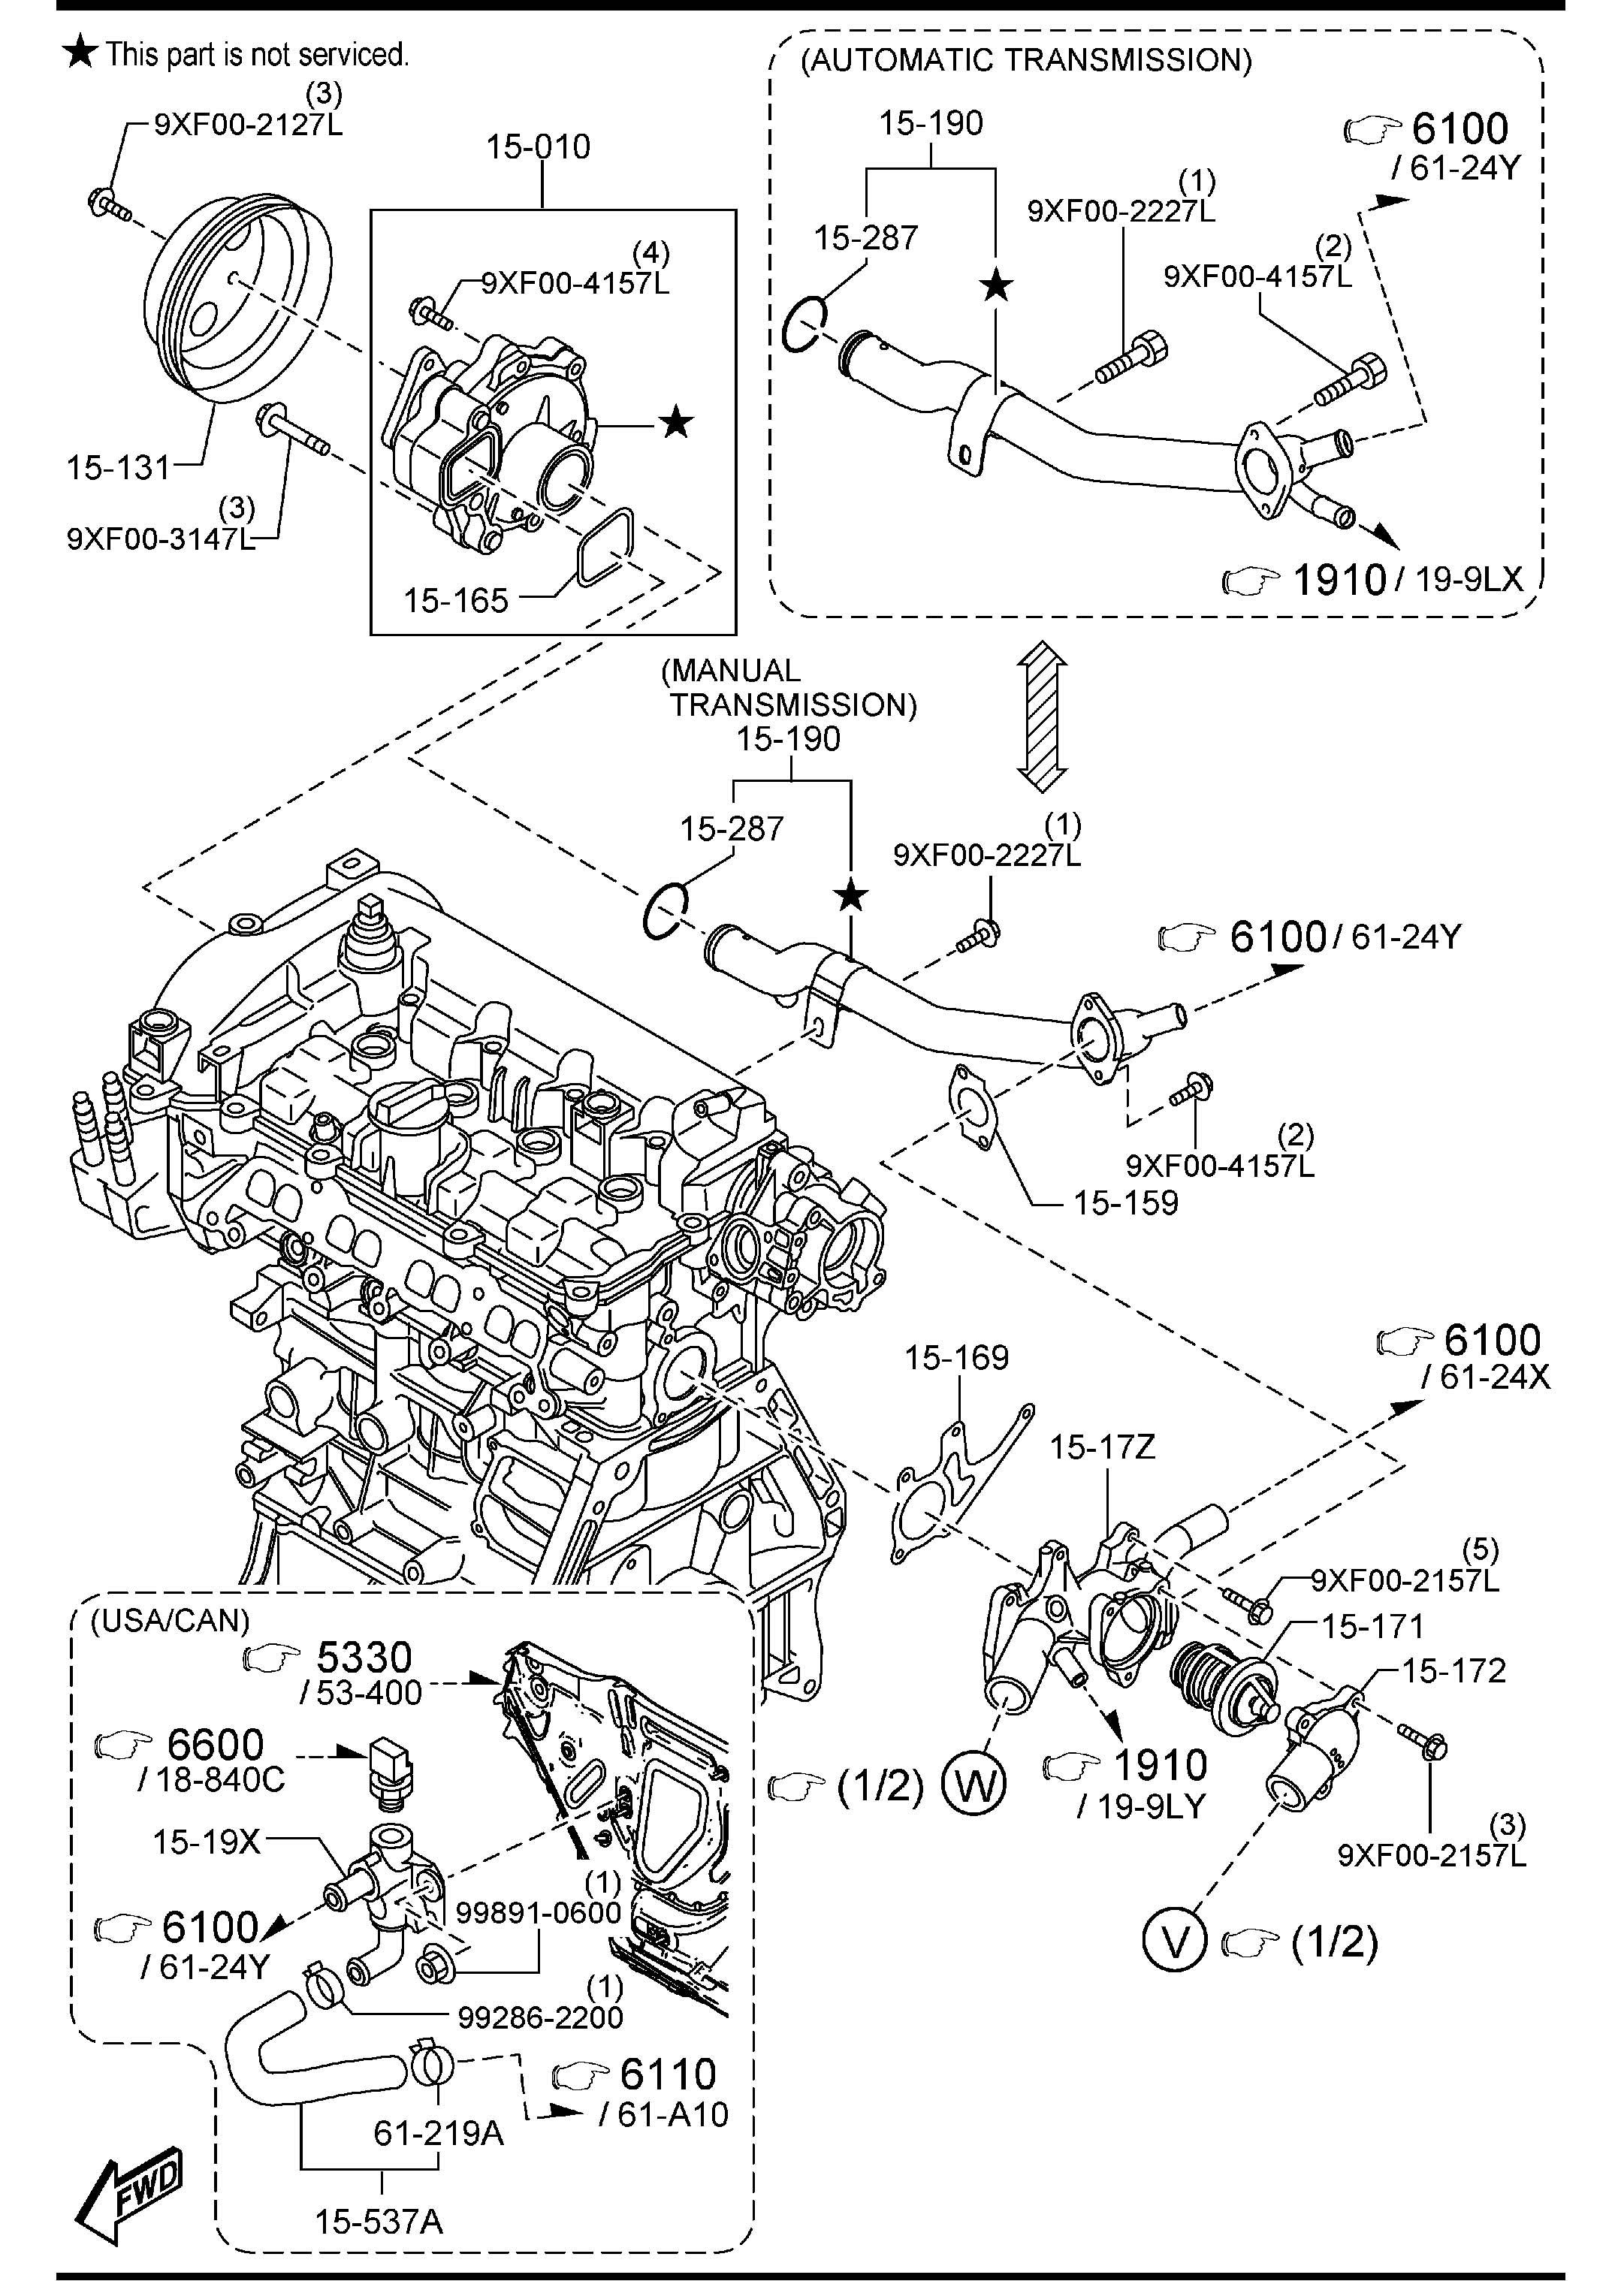 92 buick century fuse box diagram